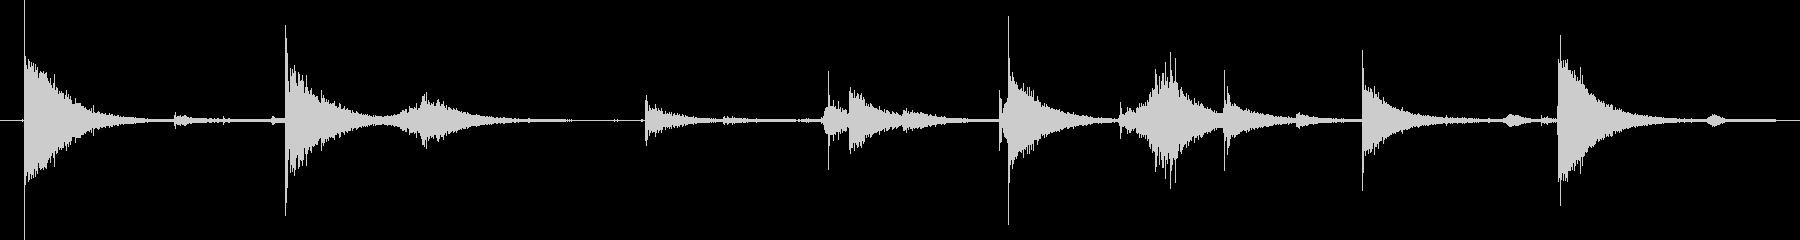 剣 01 ヒットソードシーケンス04の未再生の波形